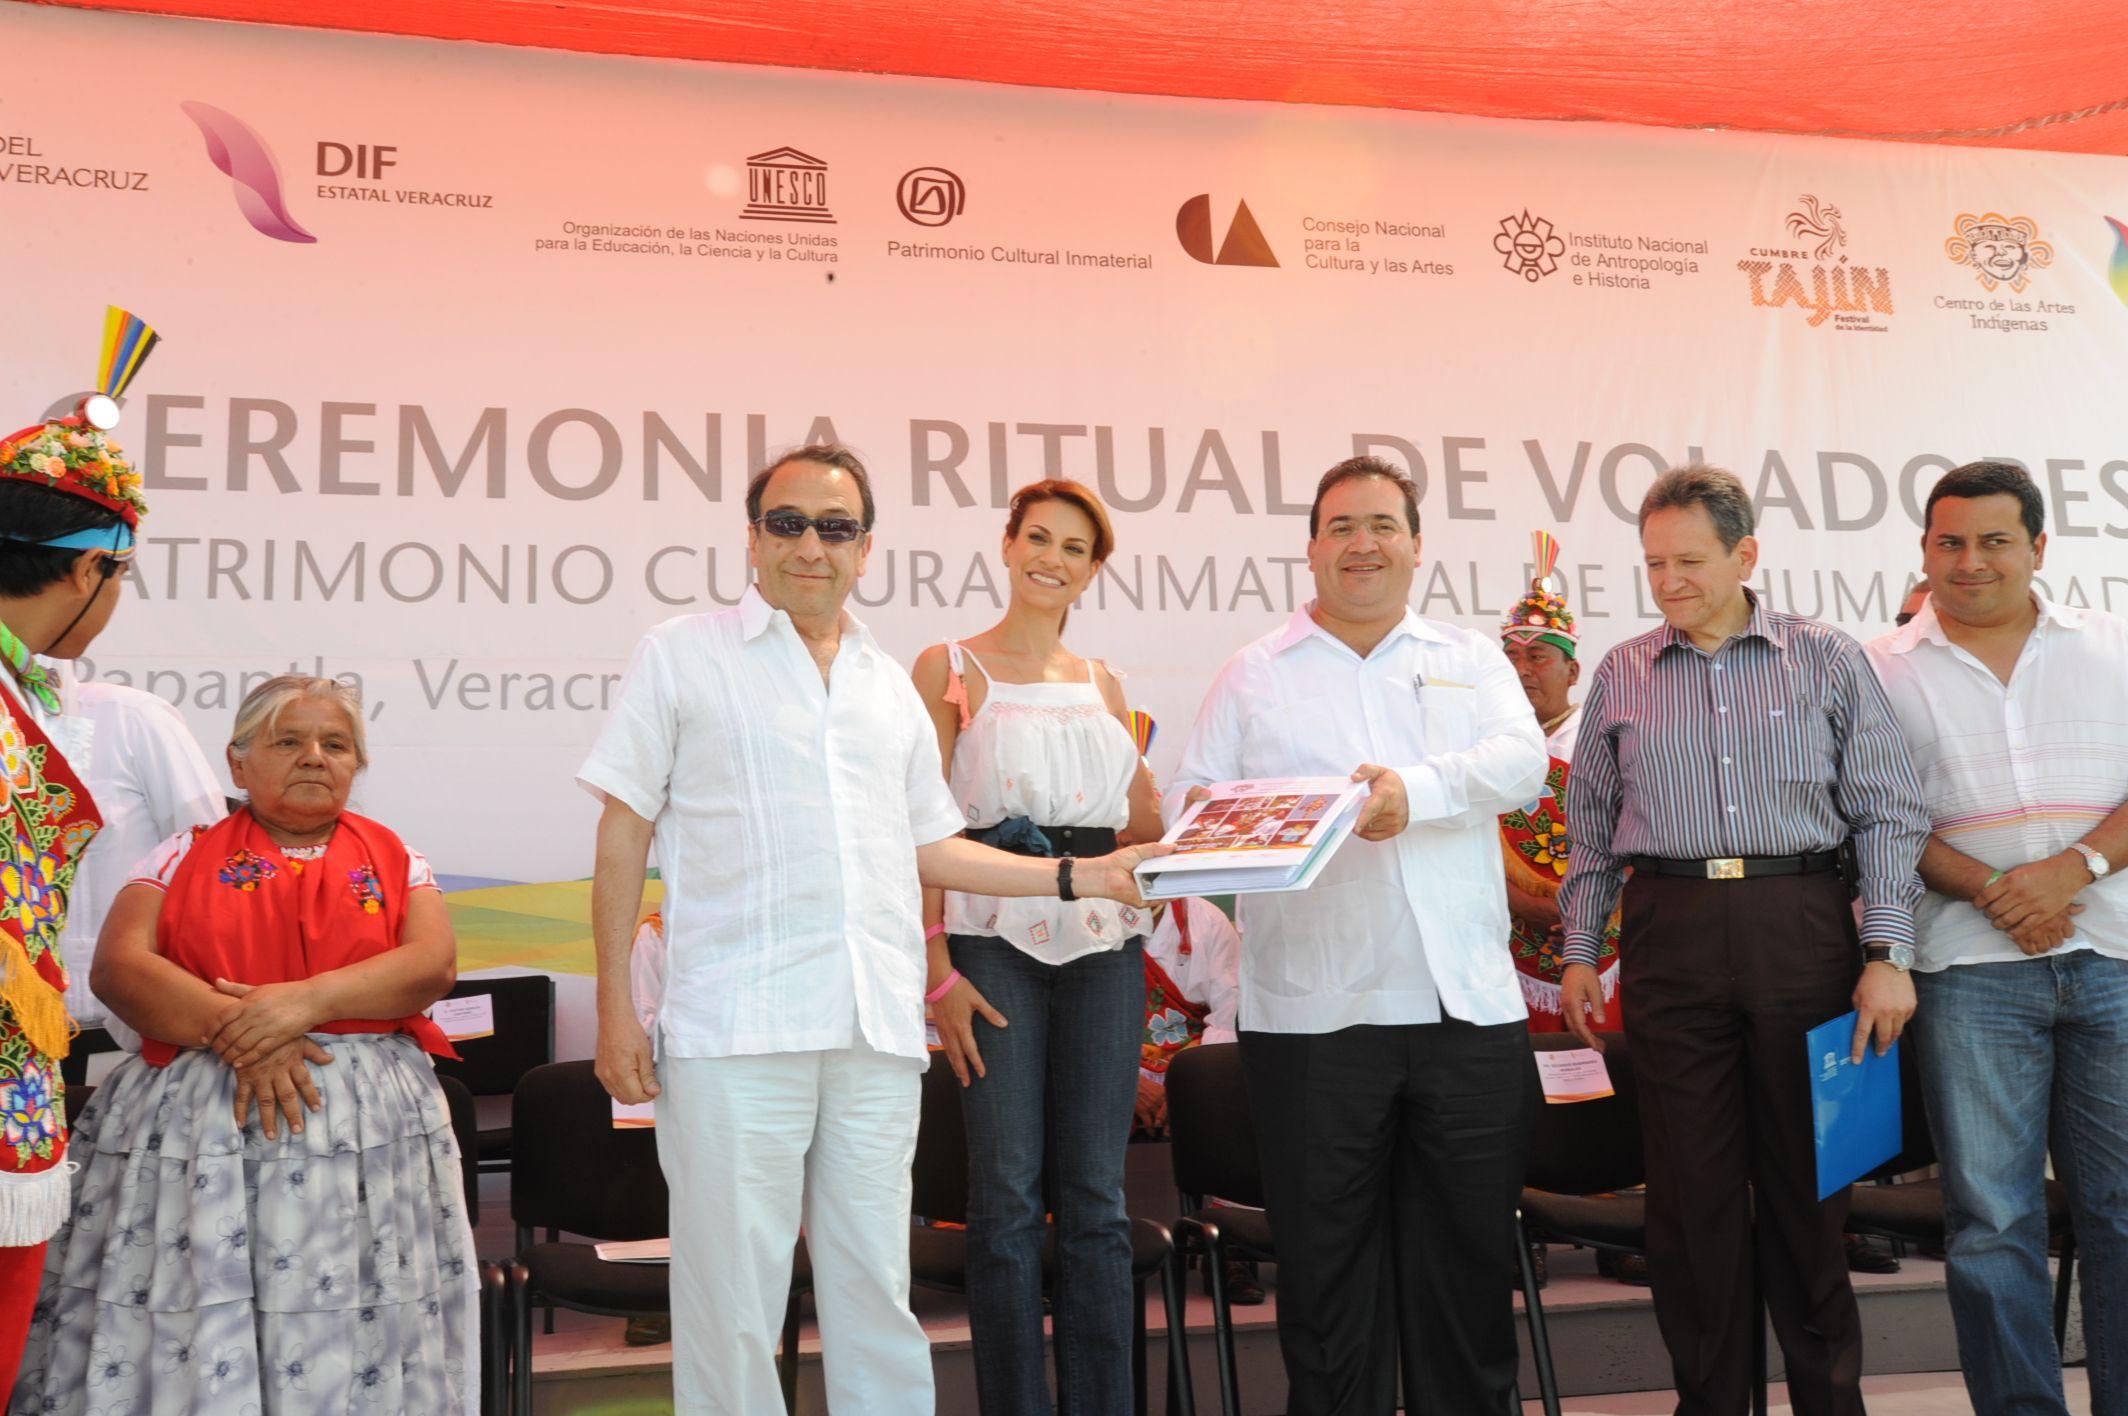 El gobernador Javier Duarte de Ochoa ratificó el compromiso de su gobierno con los pueblos originarios de Veracruz.